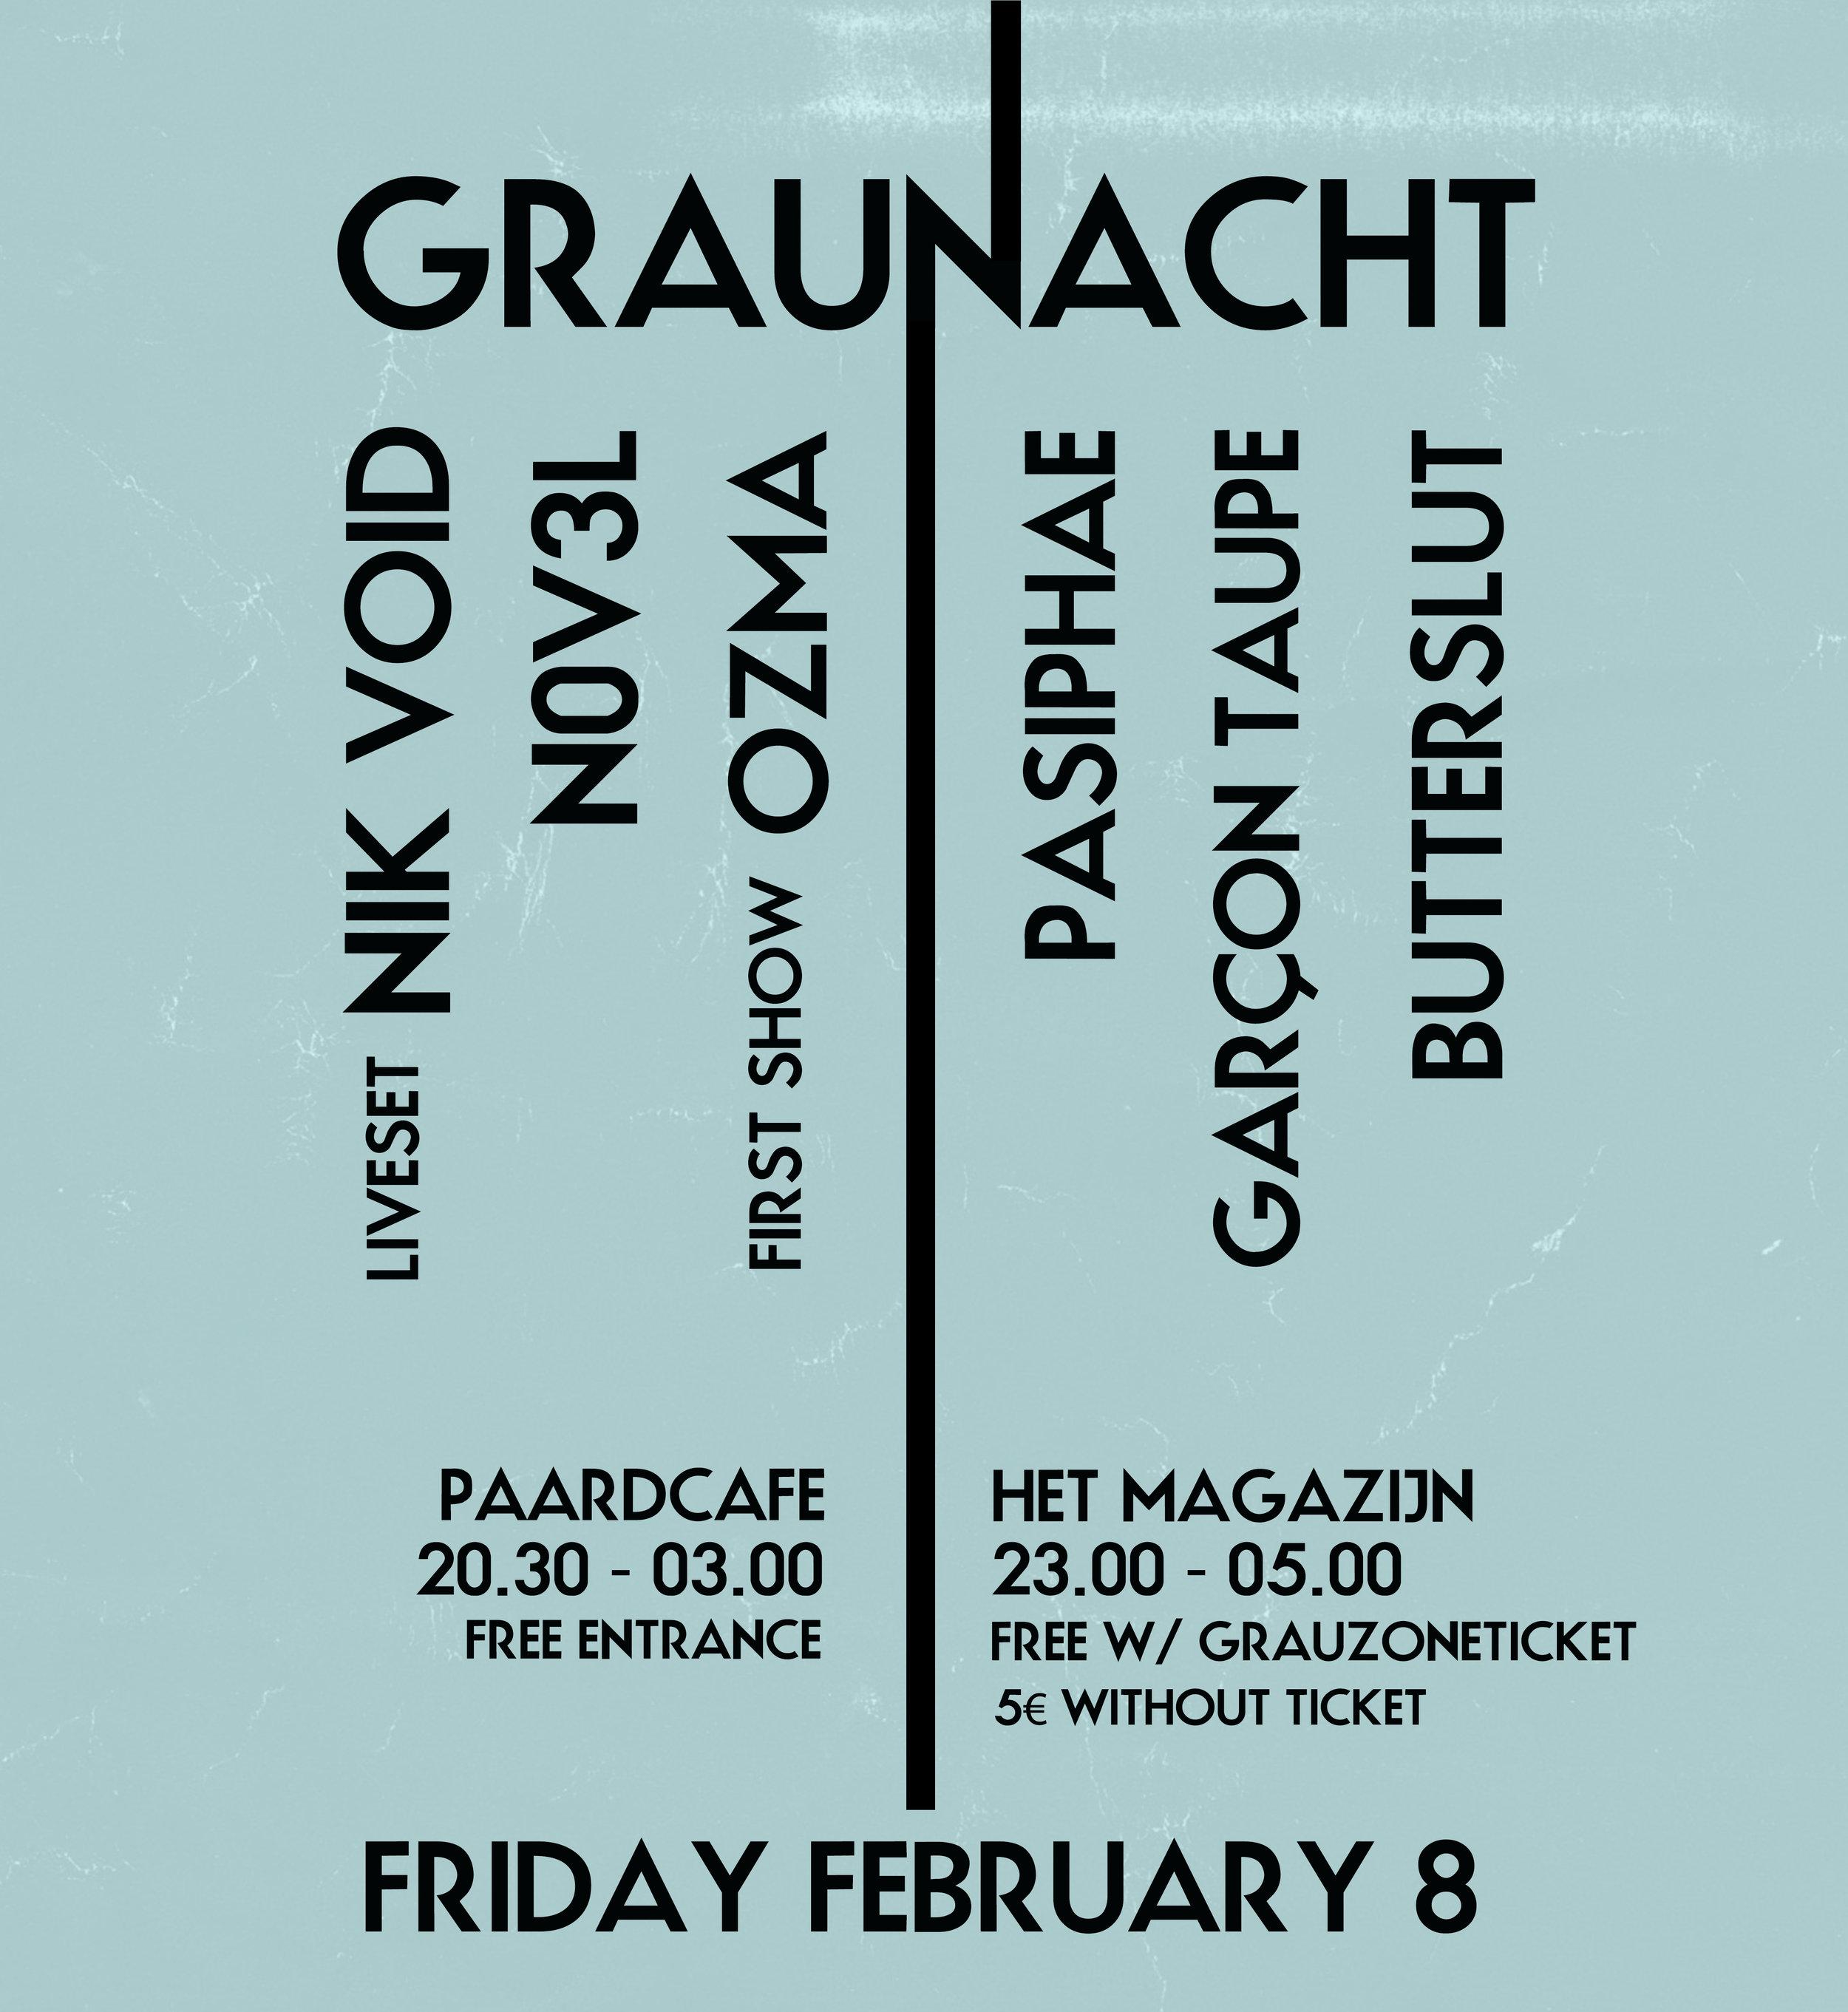 Preparty_Graunacht_2019_insta.jpg